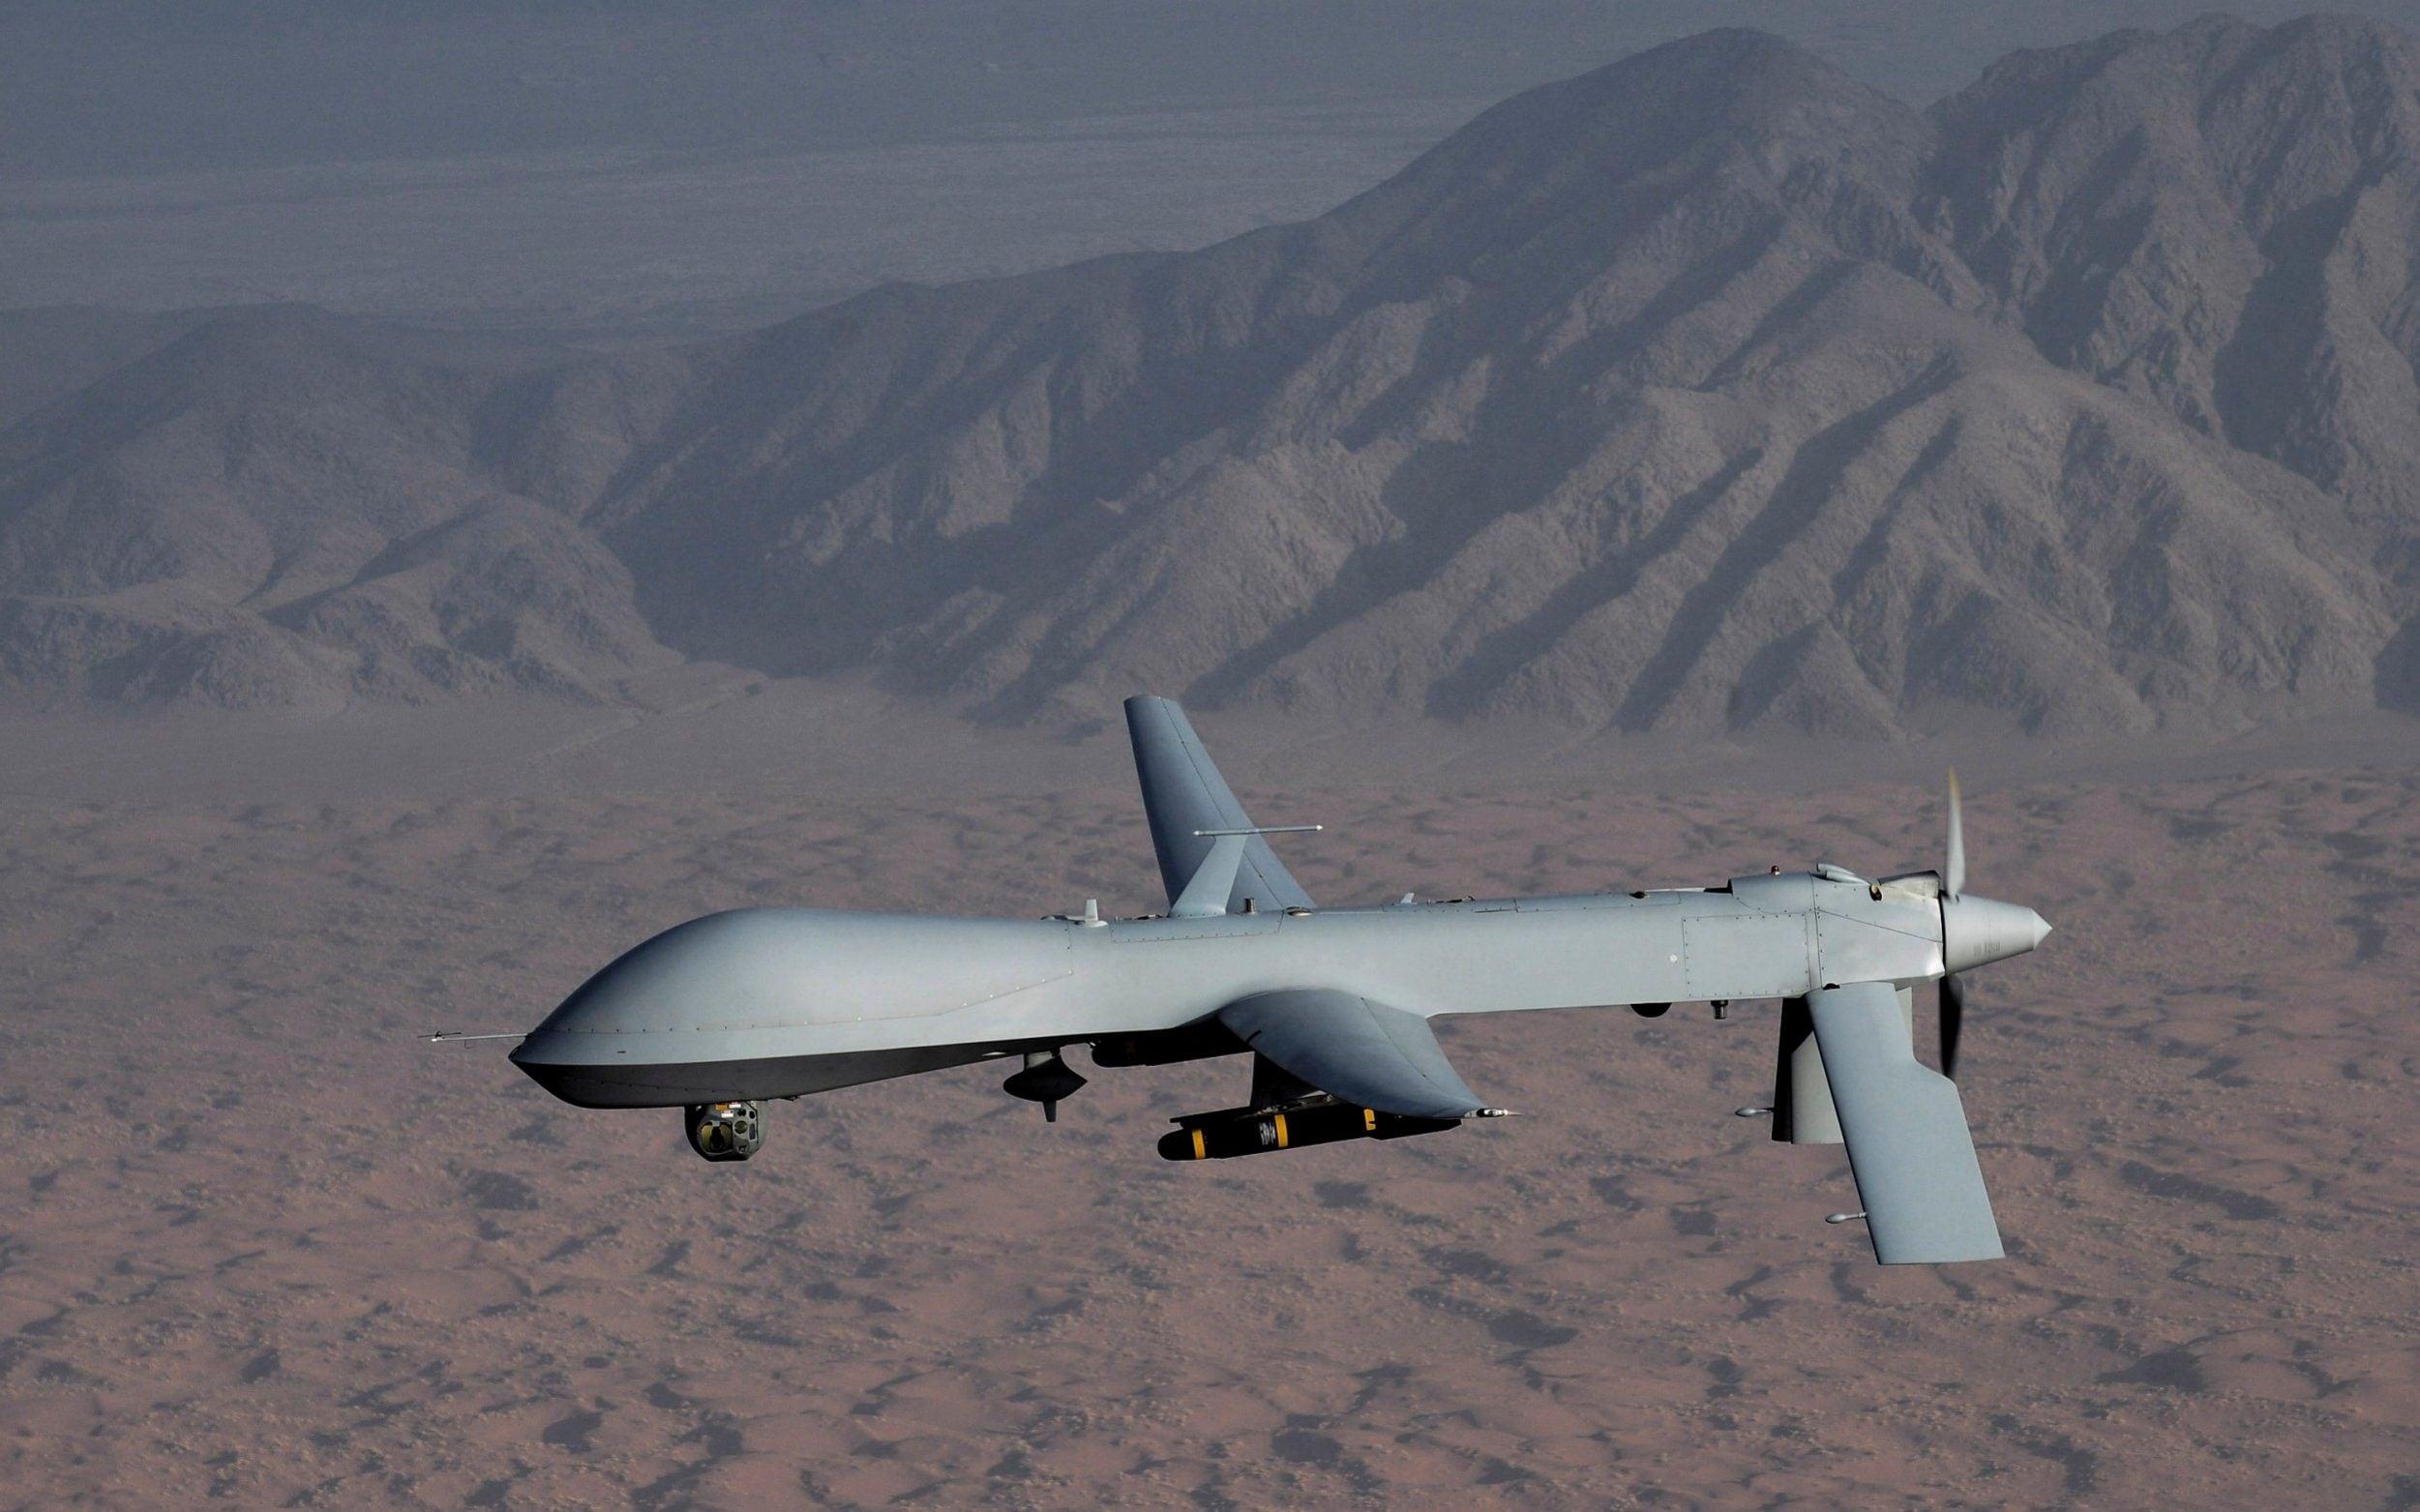 US drone strike kills 30 Afghan farmers